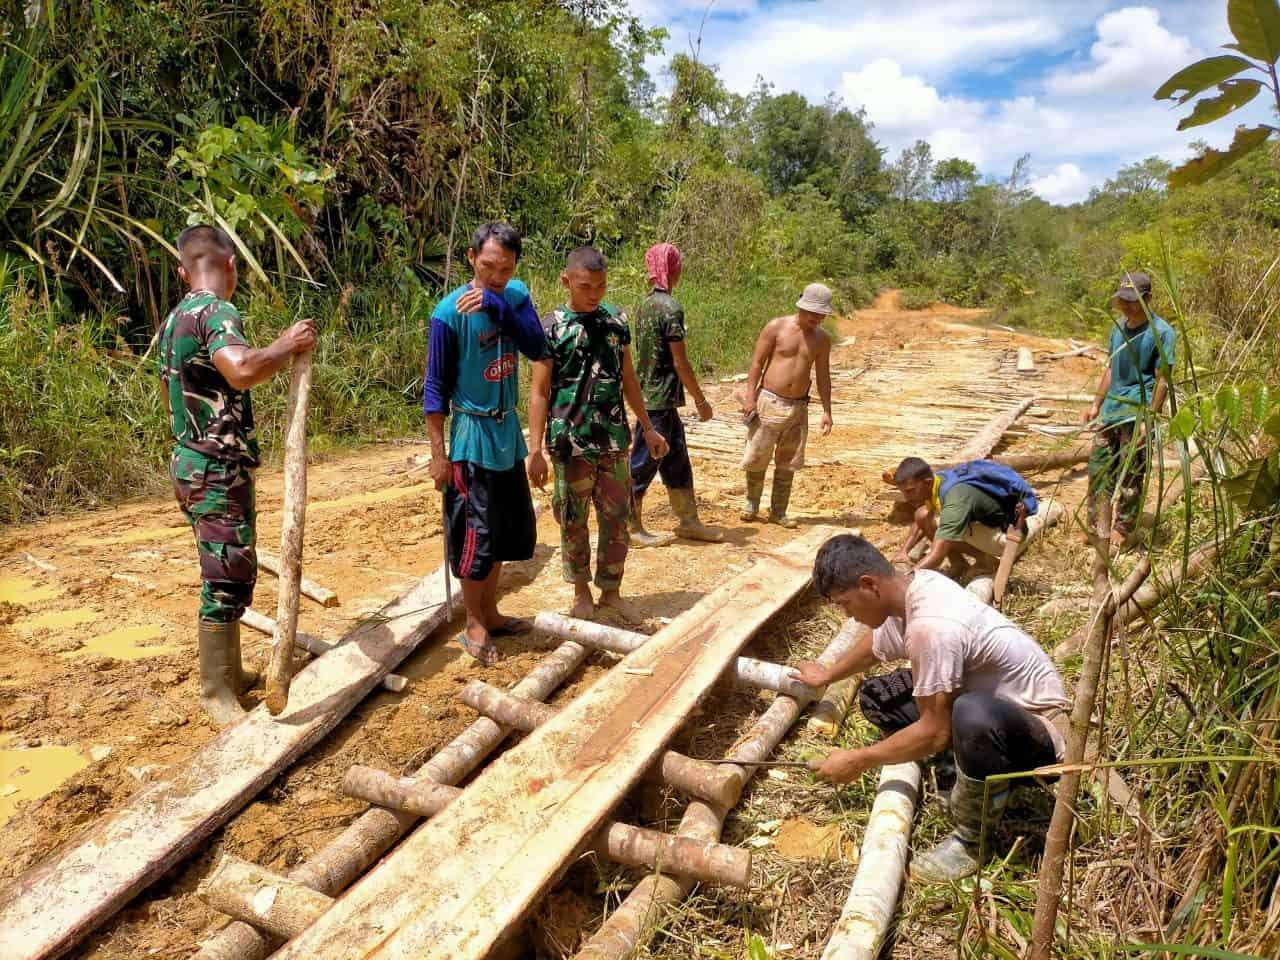 Gotong Royong, Satgas Yonif Mekanis 643/Wns Bersama Warga Perbaiki Jalan Desa